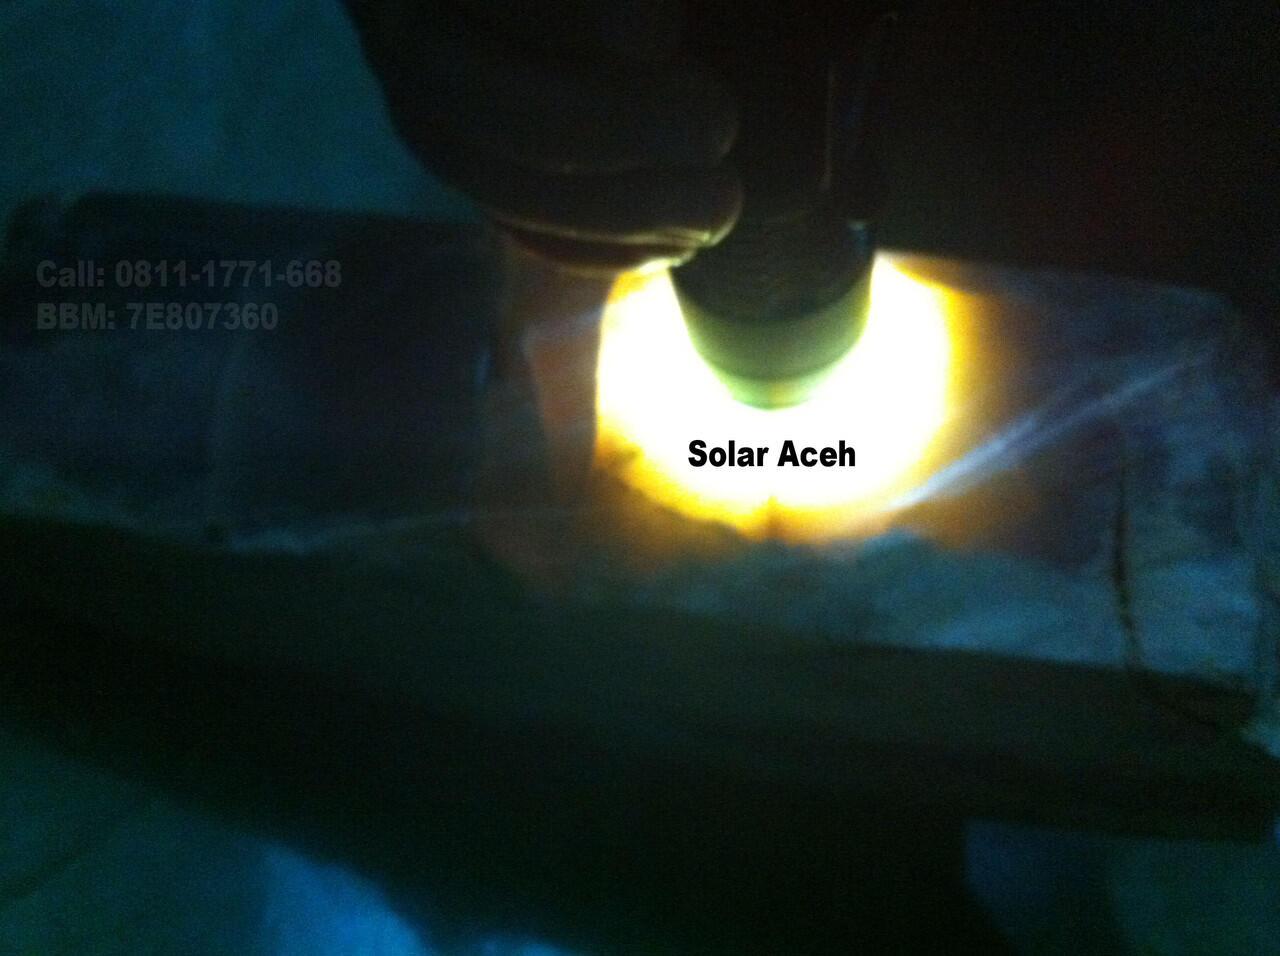 Rough Solar Aceh super